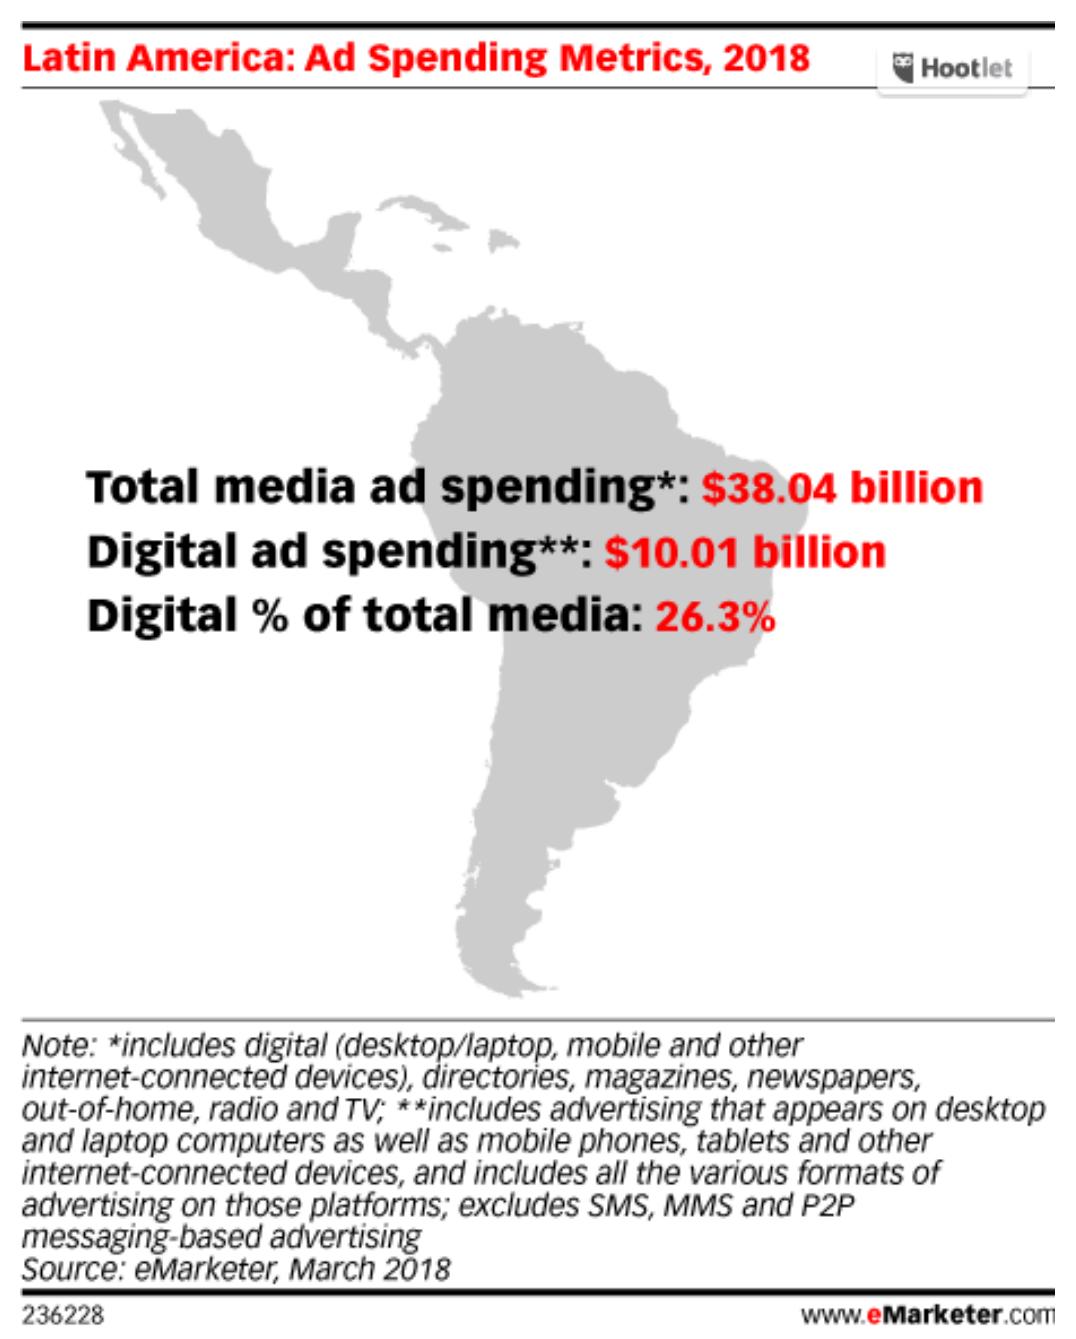 ad_spending_latam